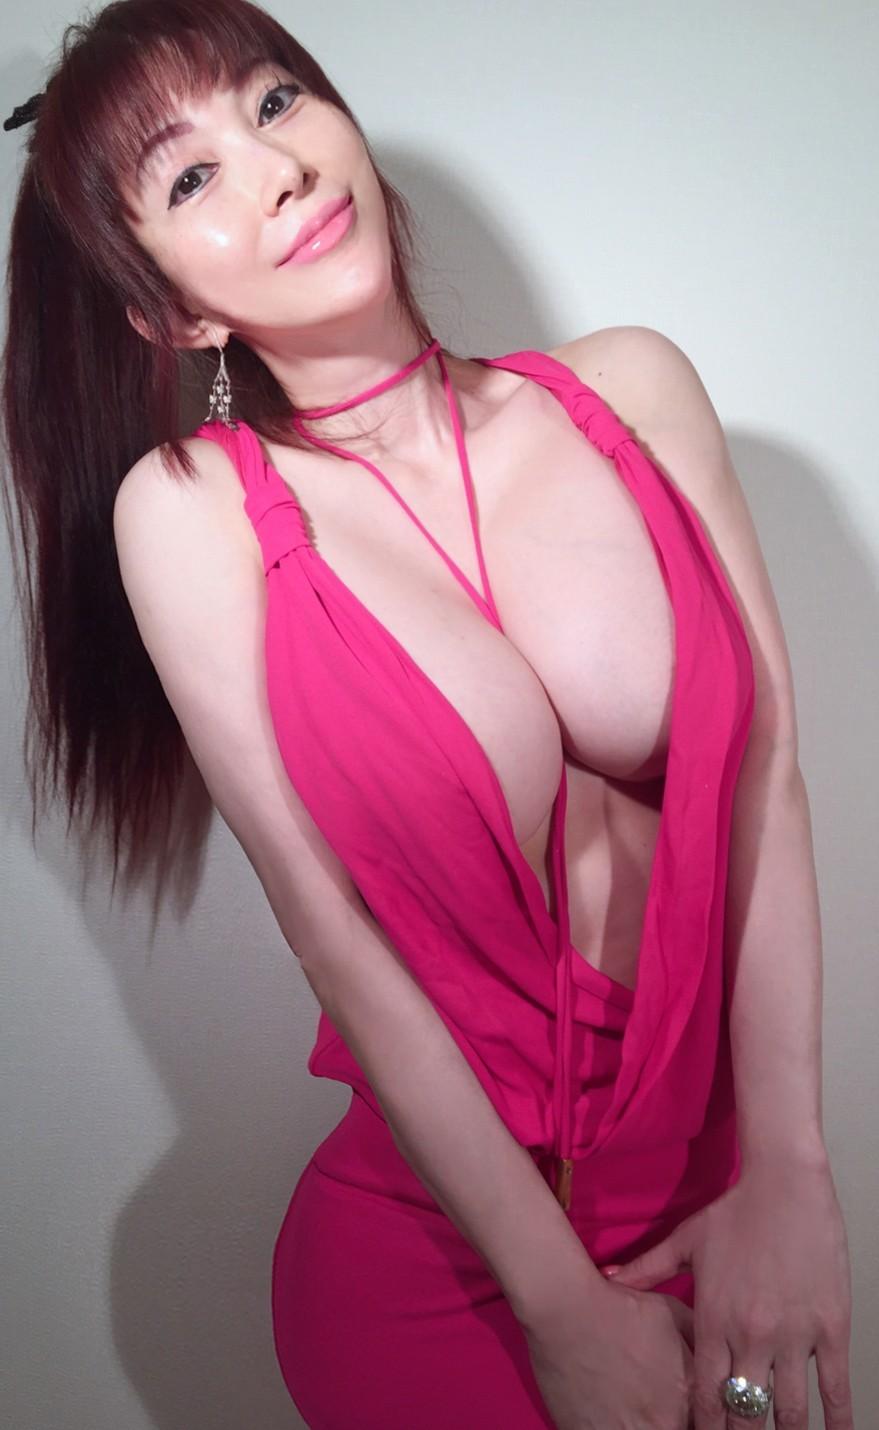 叶美香 叶姉妹 コスプレ画像